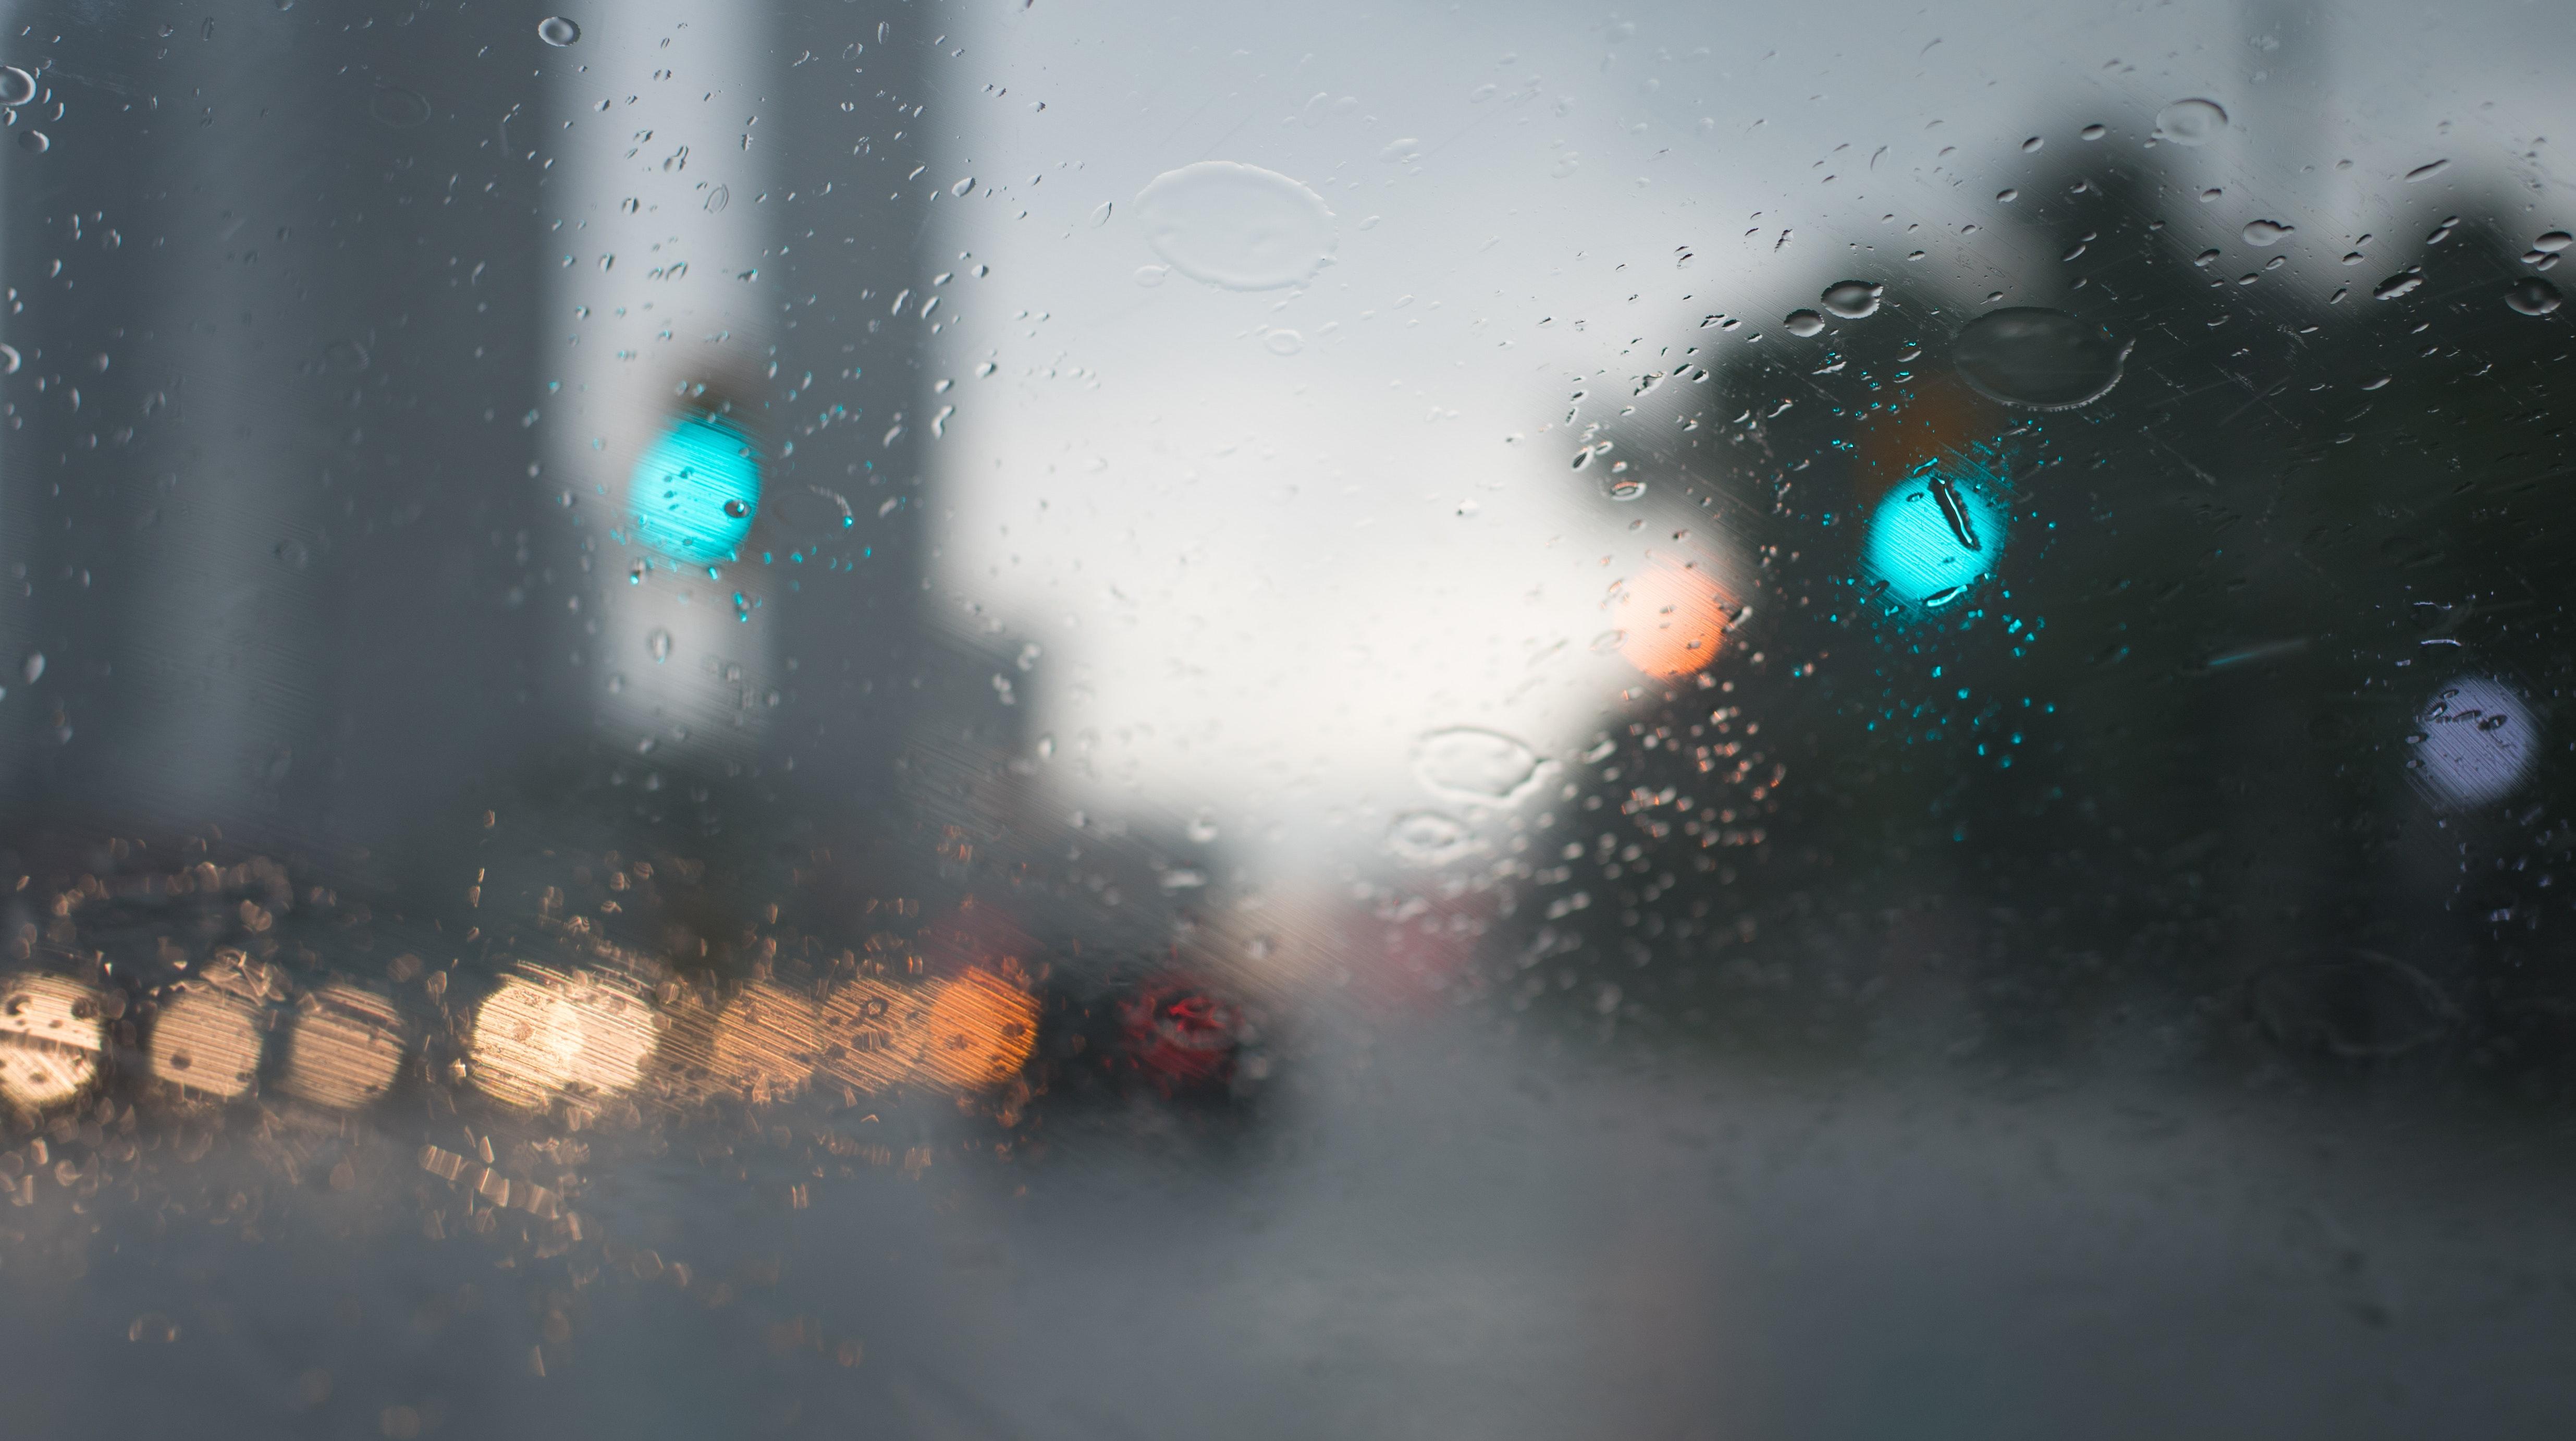 5 gudrybės gyvenimui palengvinti stovėjimo aikštelėse, kuriuos turi žinoti kiekvienas vilkiko vairuotojas